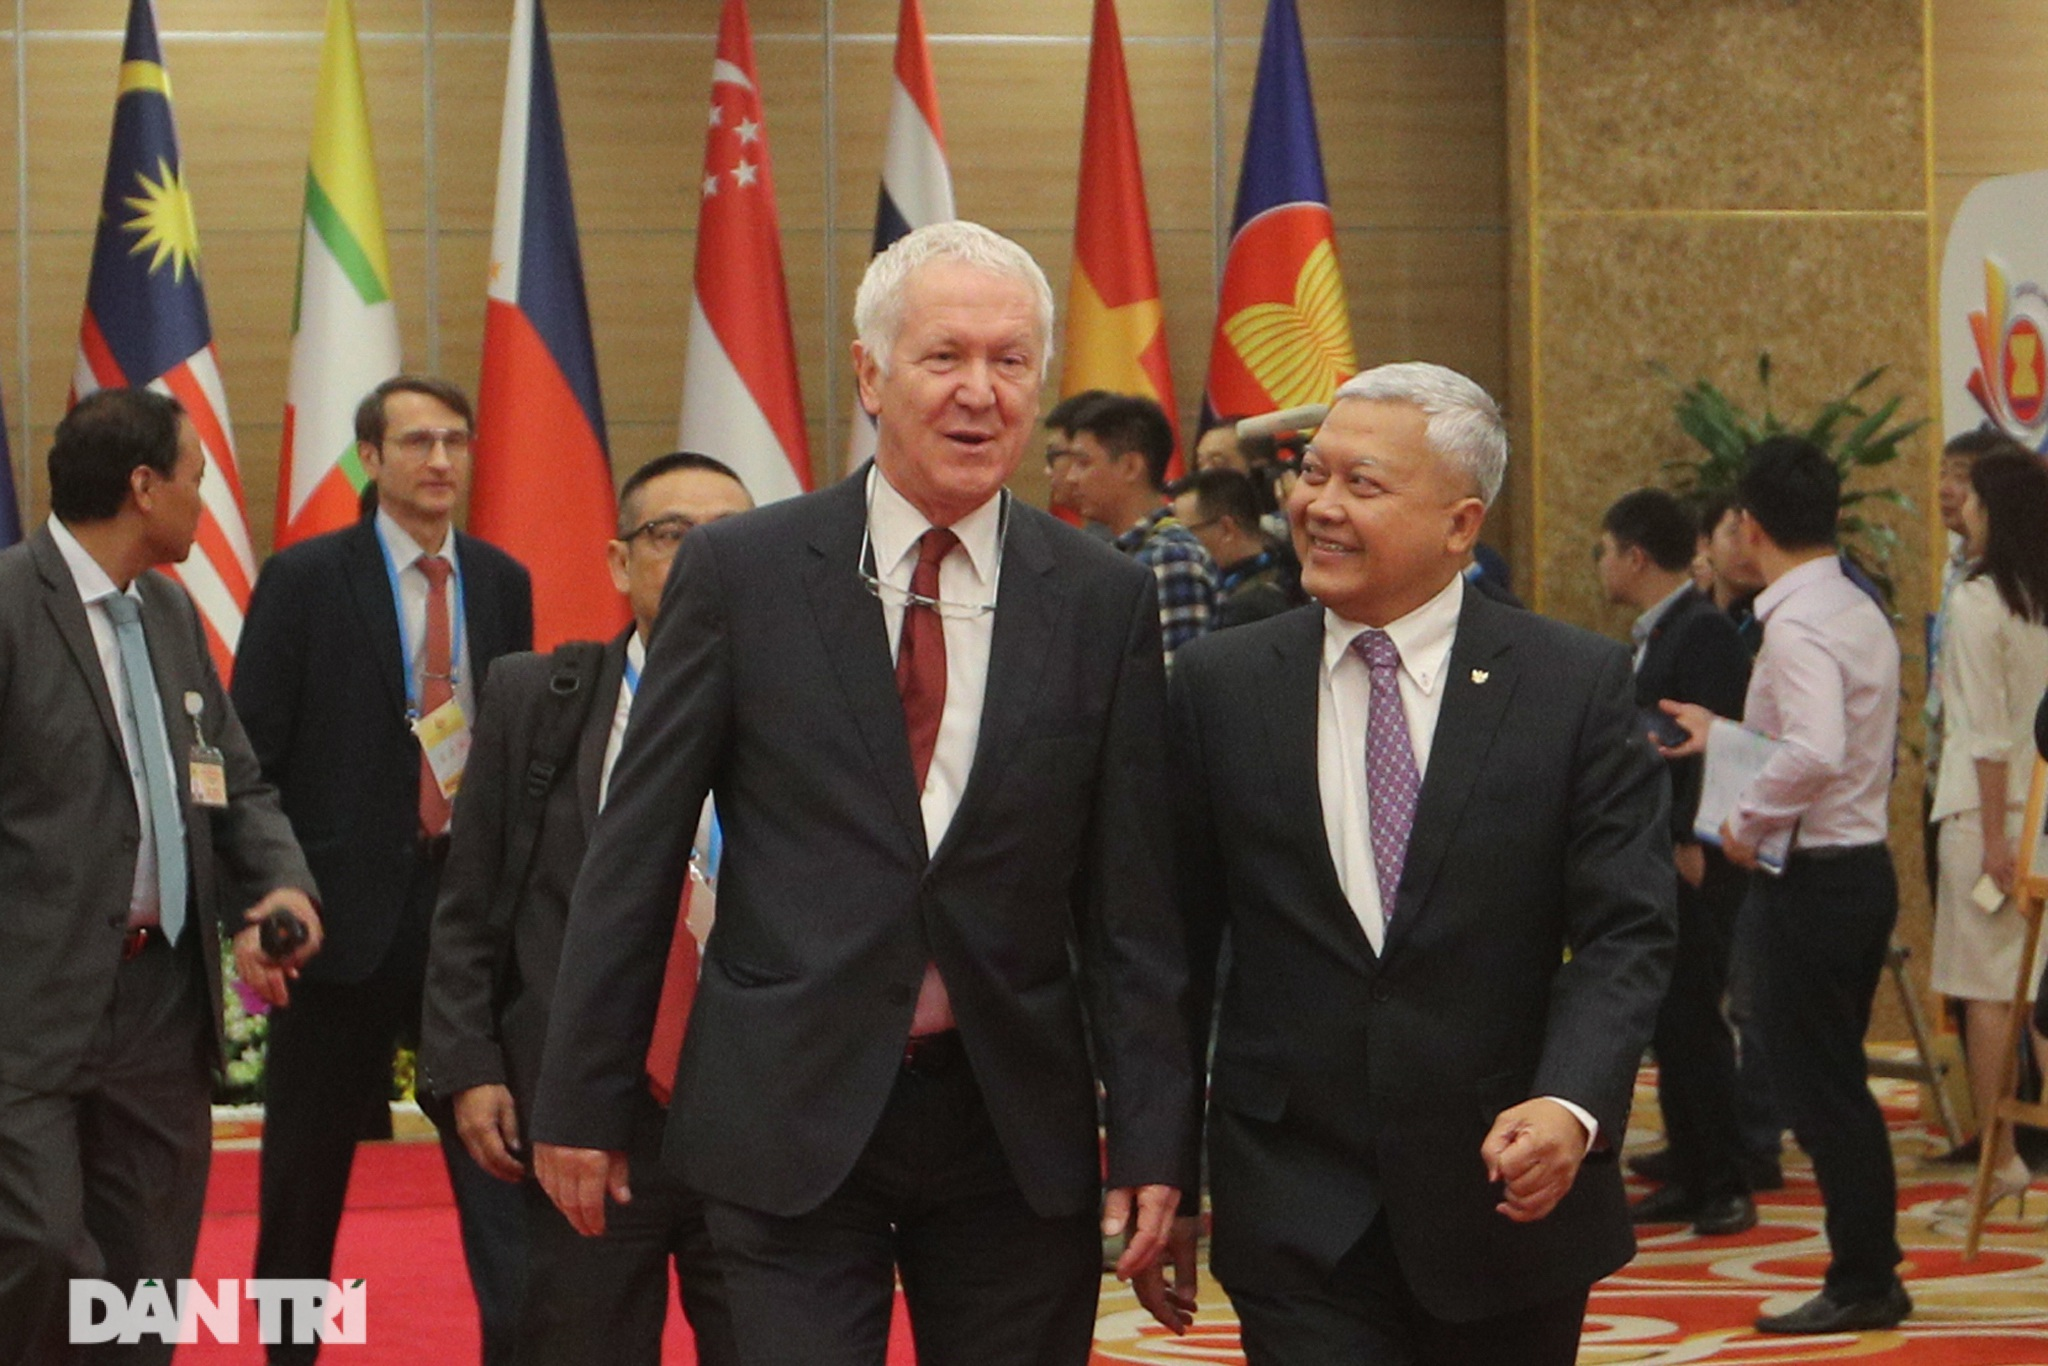 Lãnh đạo Đảng, Nhà nước dự khai mạc Hội nghị cấp cao ASEAN - 7